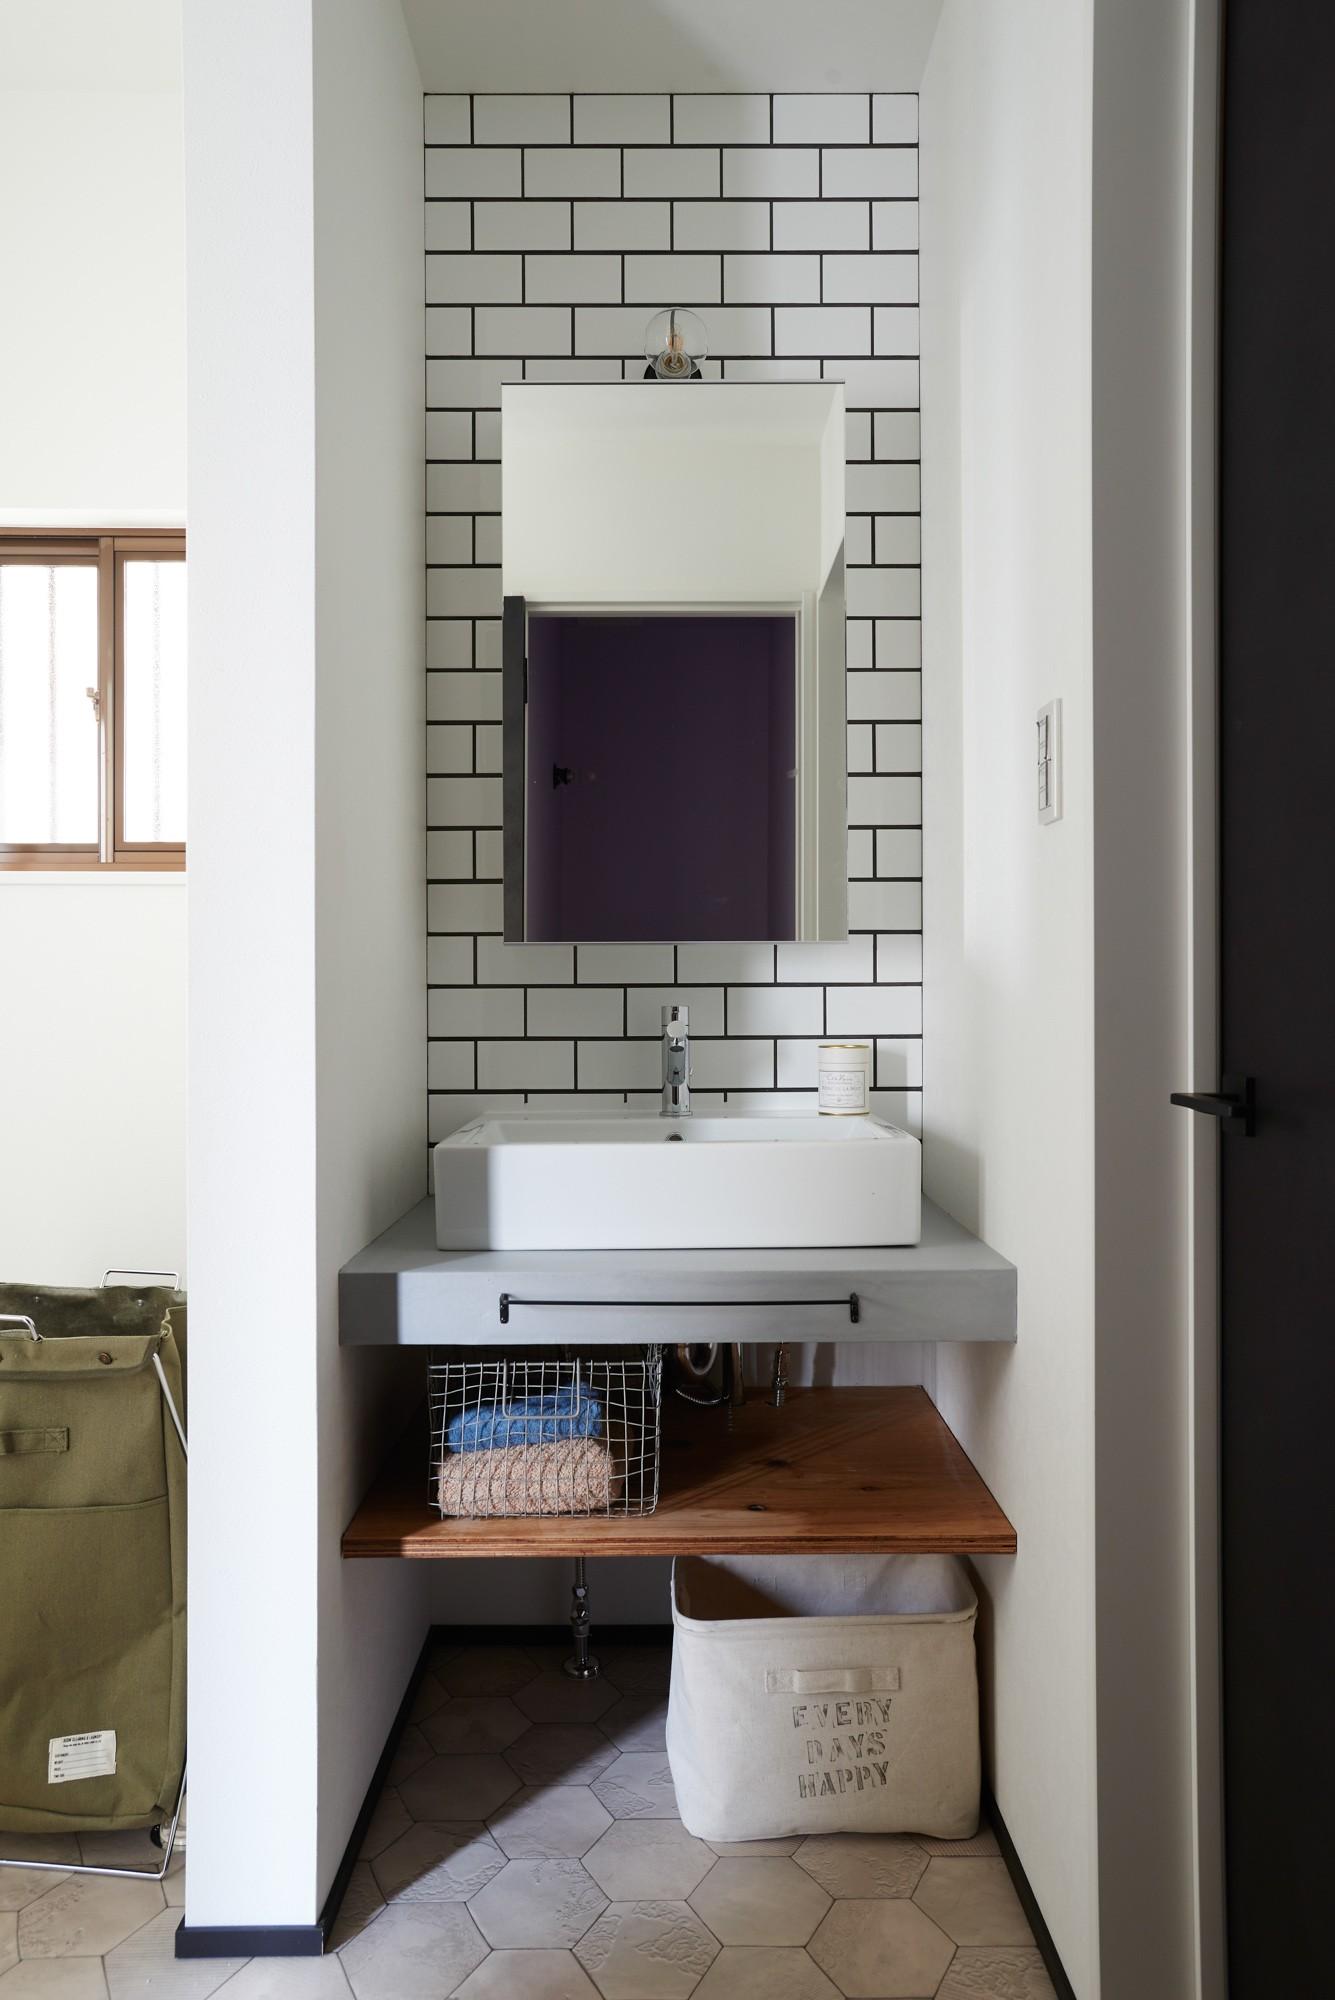 バス/トイレ事例:洗面所・サブウェイタイル(サブウェイタイルとモルタル風キッチンの男前スタイル)